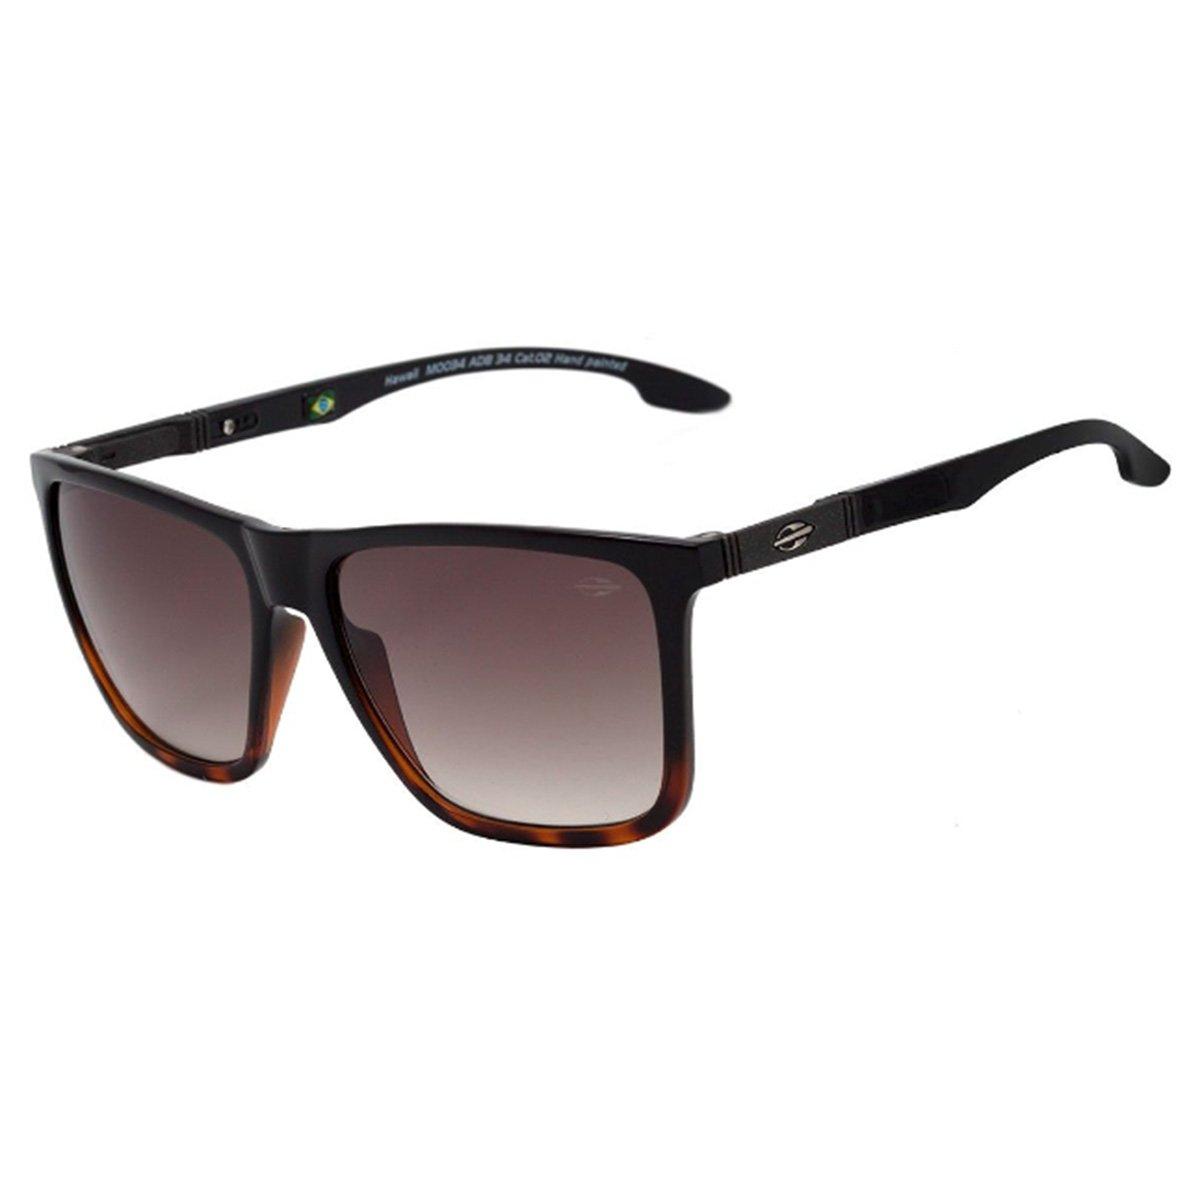 de7268ad4fab8 Compre Óculos de Sol Mormaii Hawaii em 10X